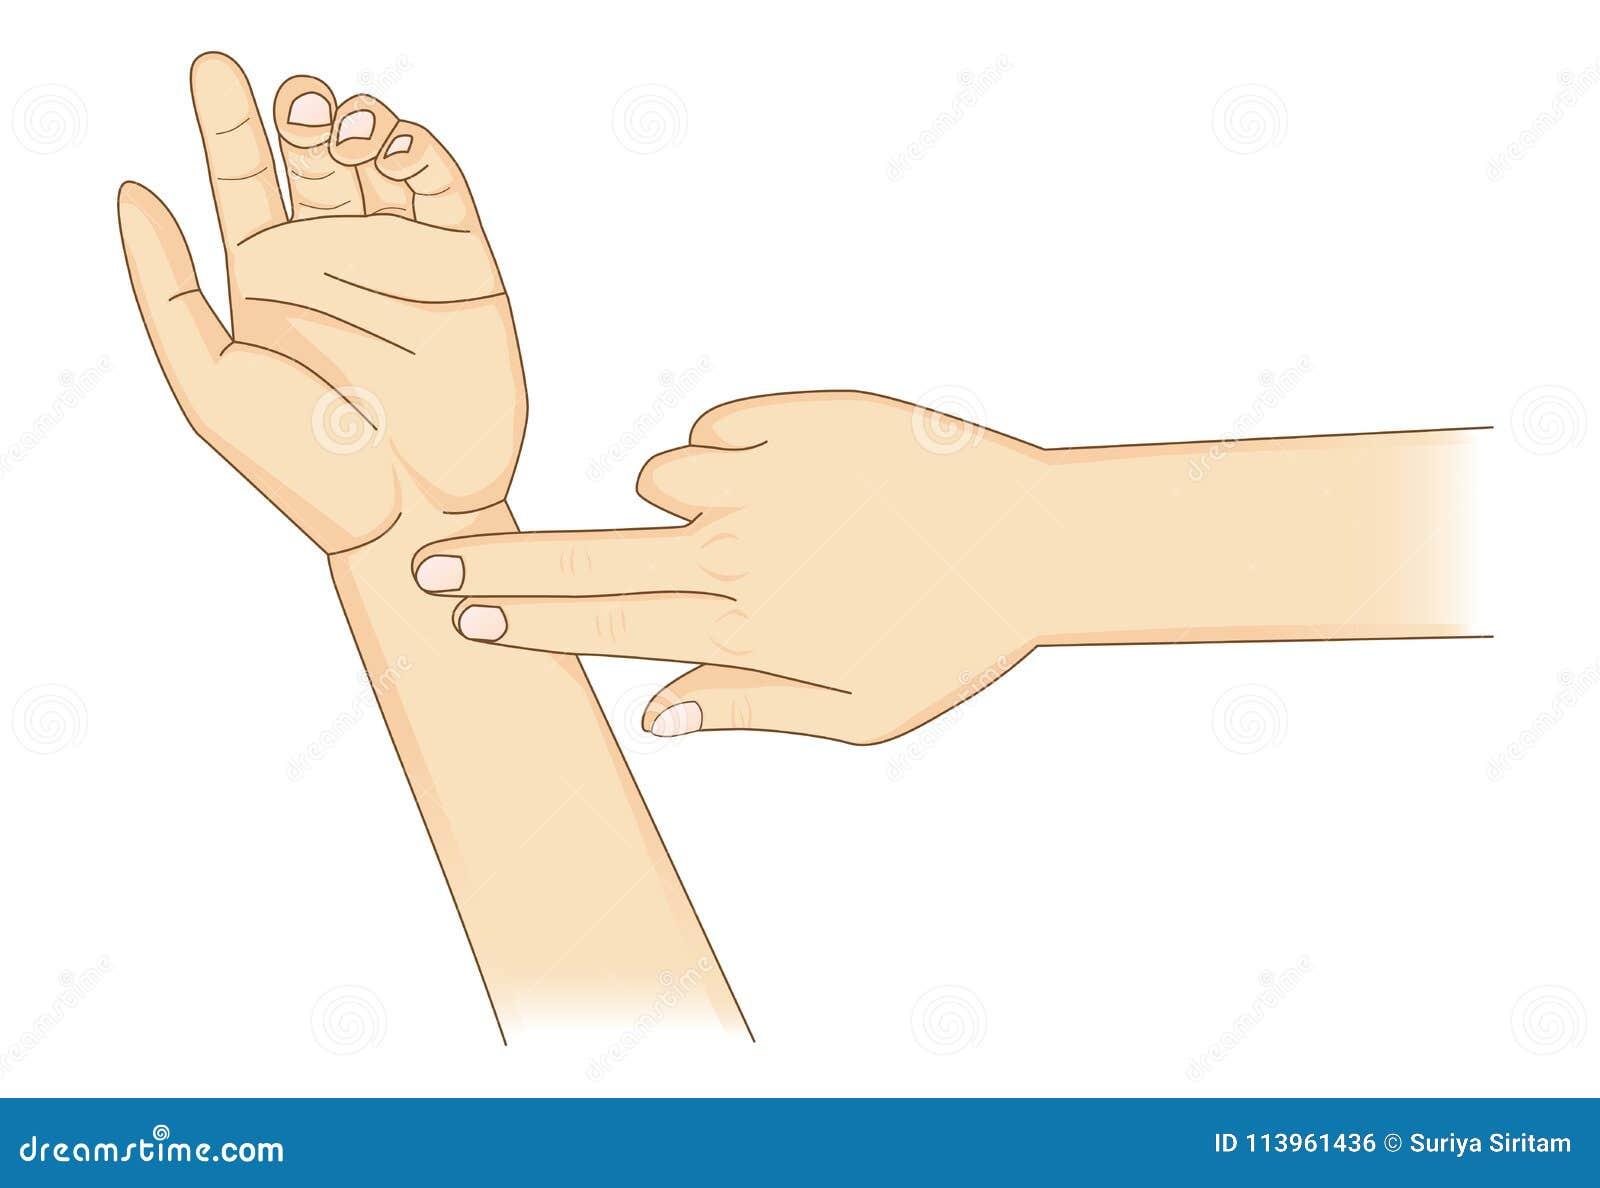 Vérification de votre coeur Rate Manually avec des doigts de l endroit deux au poignet